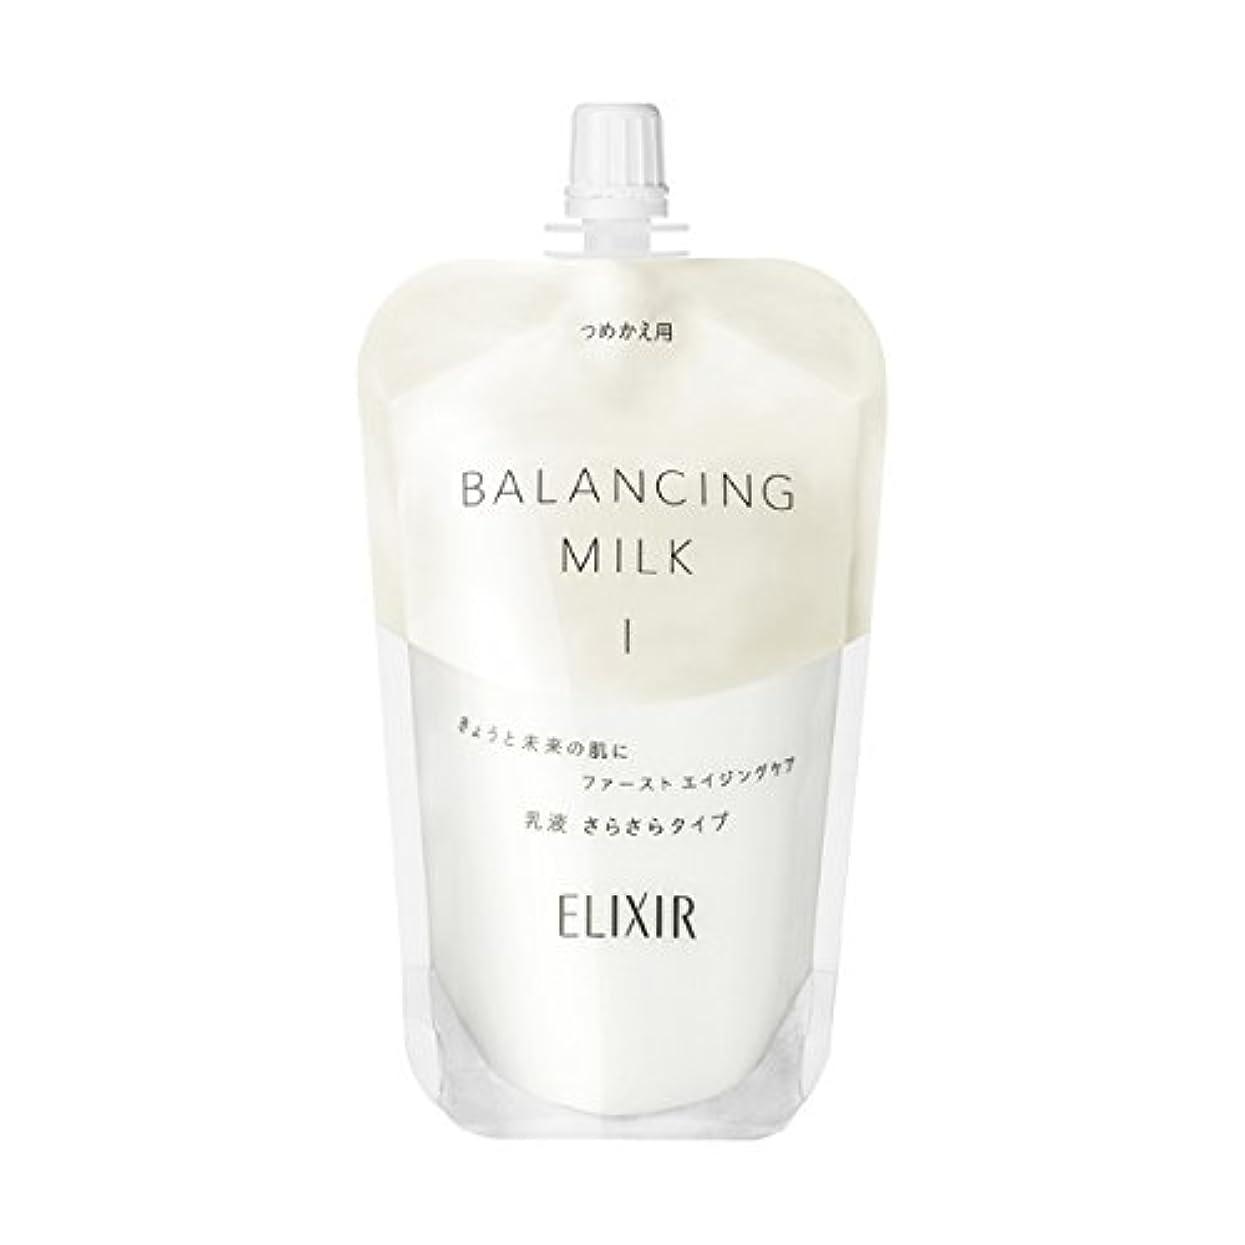 お金重大週間エリクシール ルフレ バランシング ミルク 乳液 1 (さらさらタイプ) (つめかえ用) 110mL